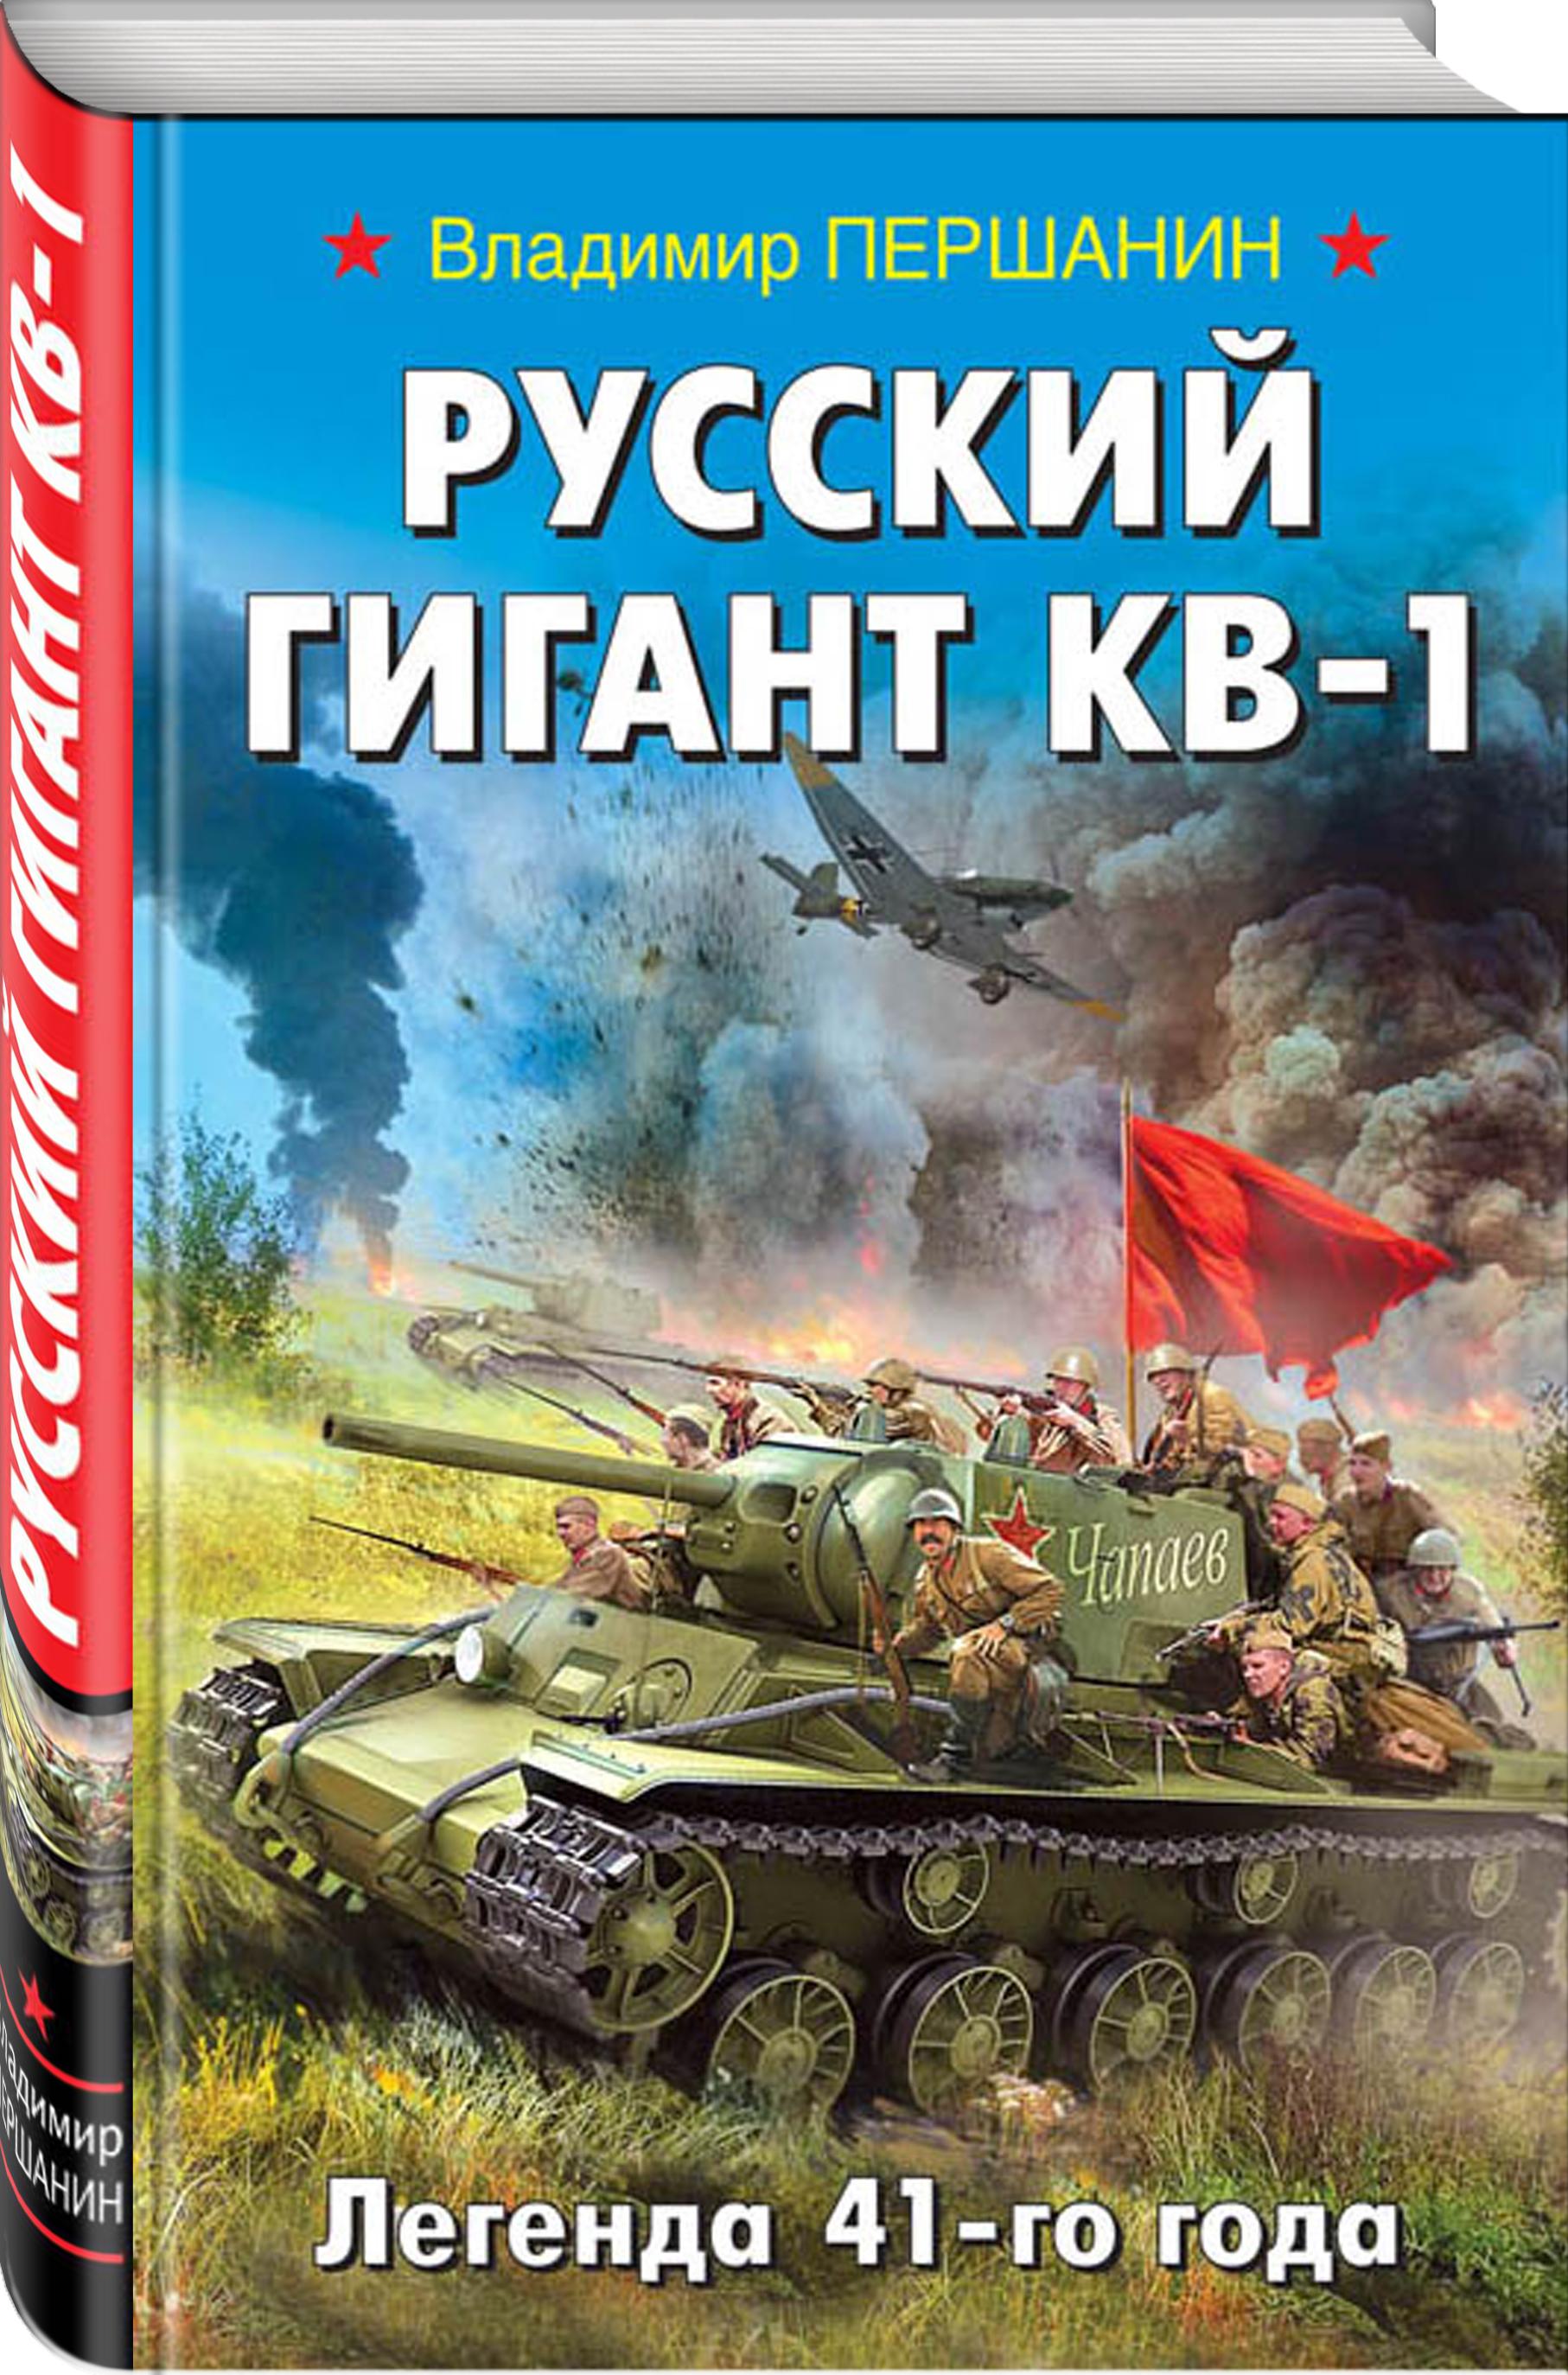 Русский гигант КВ-1. Легенда 41-го года ( Першанин В.Н.  )